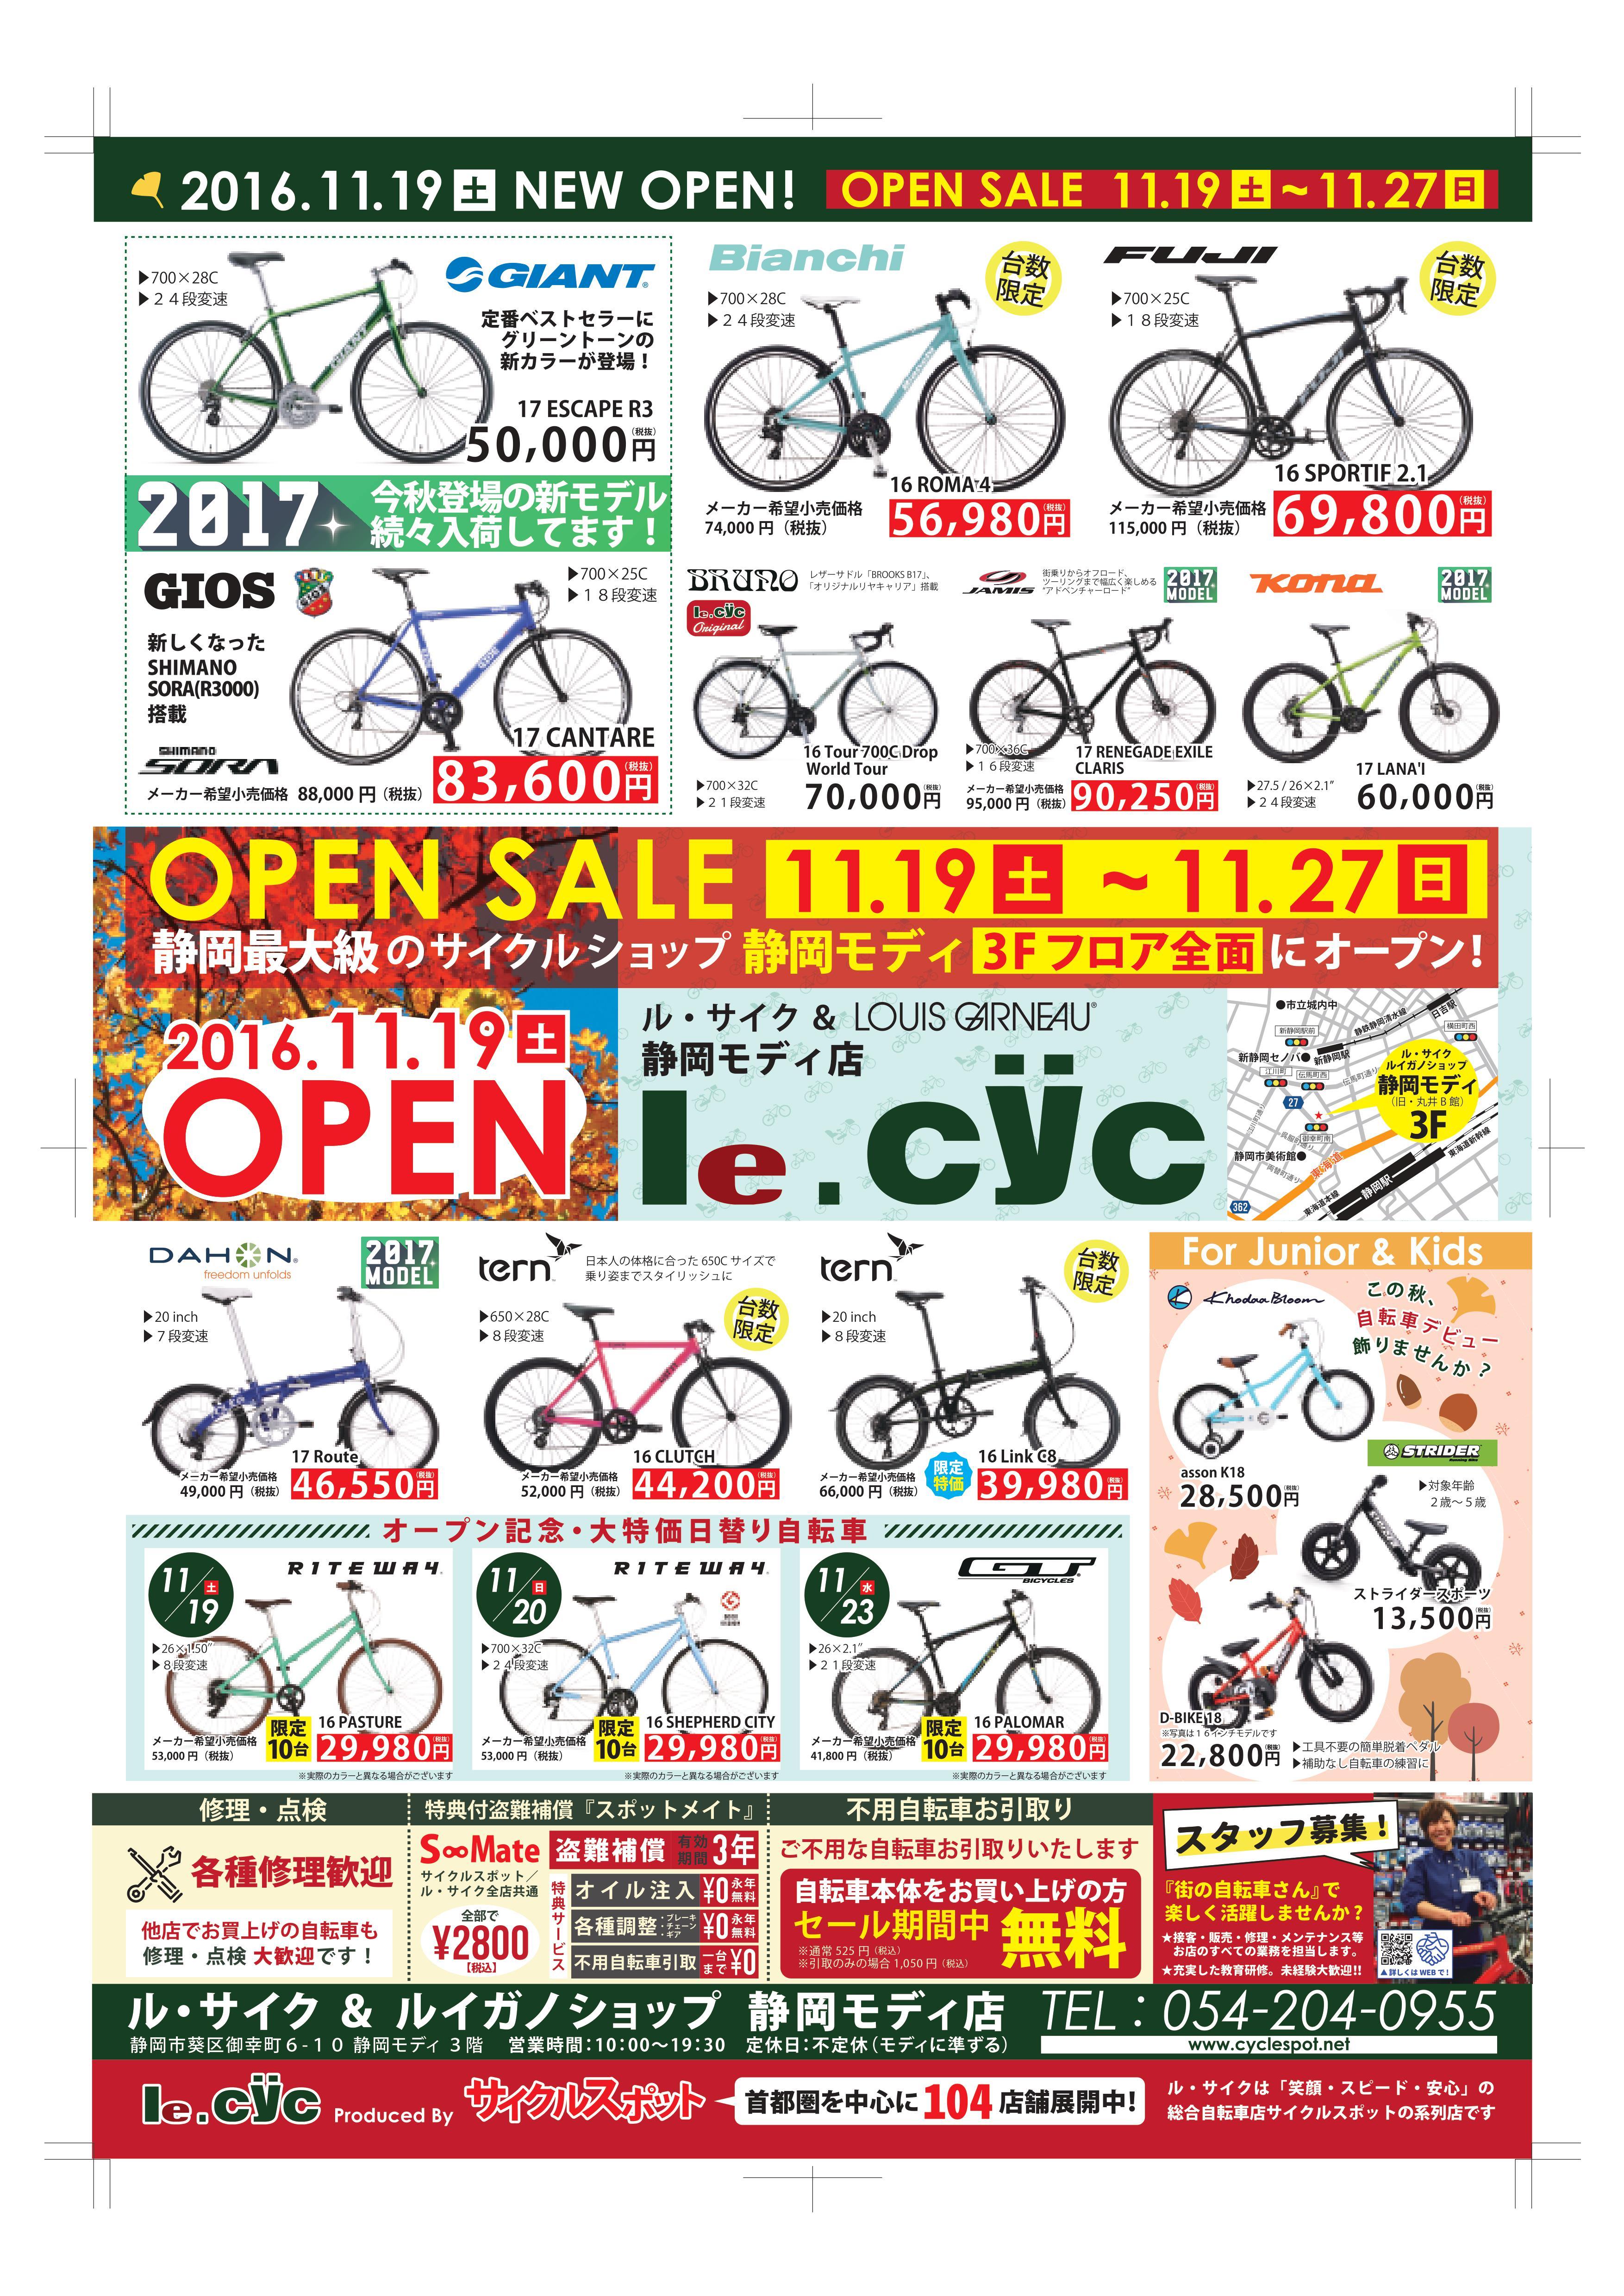 静岡MODI画像